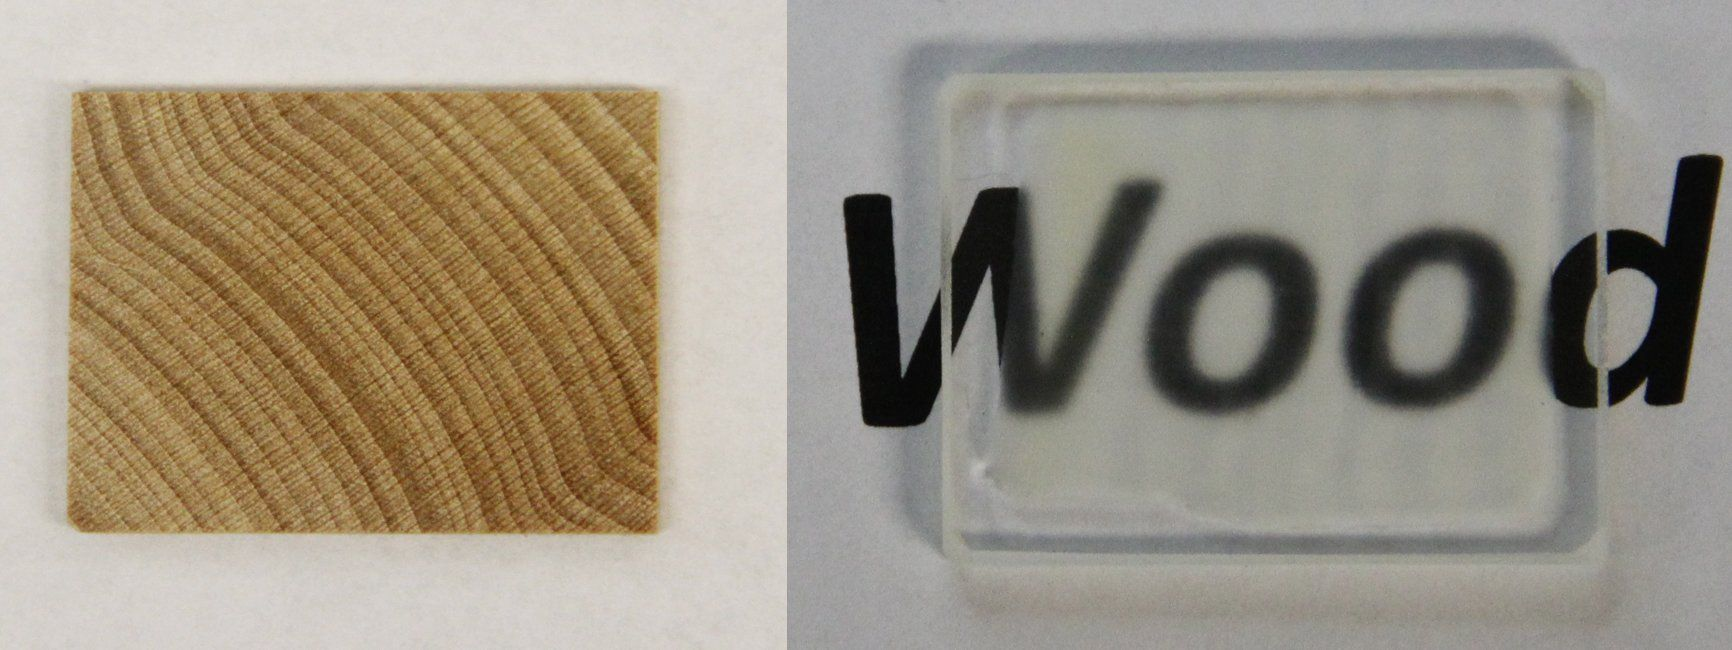 il legno trasparente viene ottenuto con una particolare lavorazione chimica che toglie i pigmenti del legno lasciando inalterate le sue proprietà chimico-fisiche